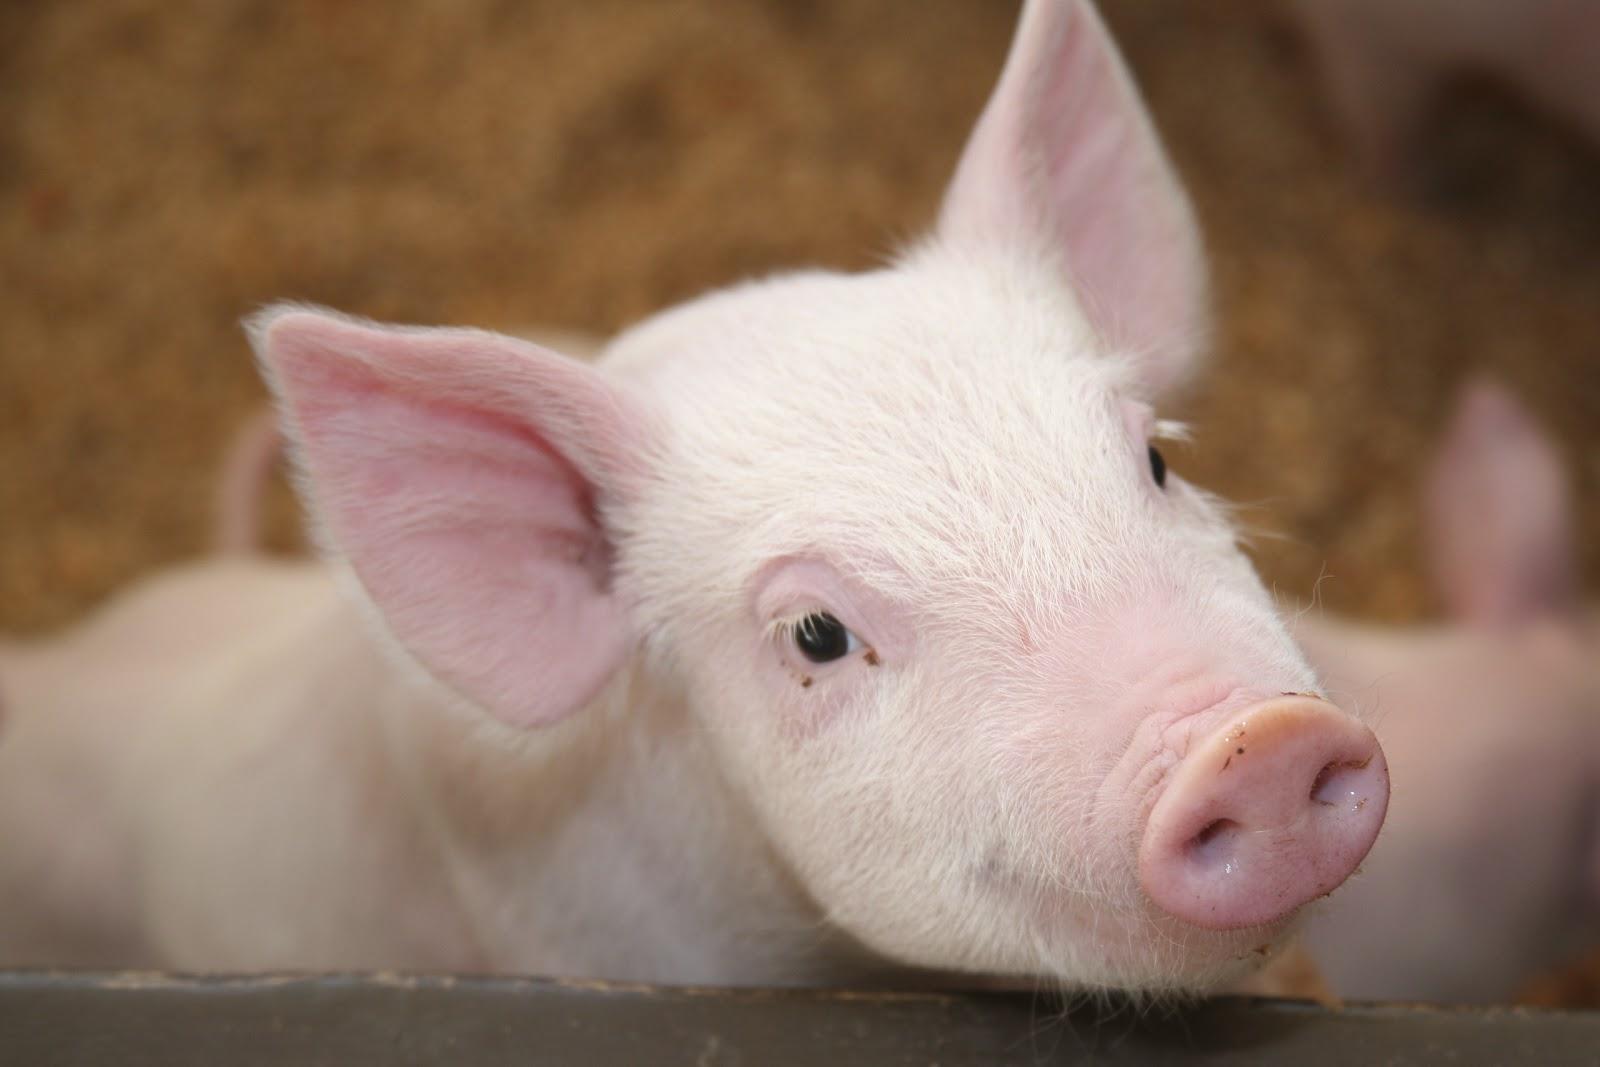 Adote Um Bichinho 50 Frases Marcantes Sobre Os Direitos Dos Animais